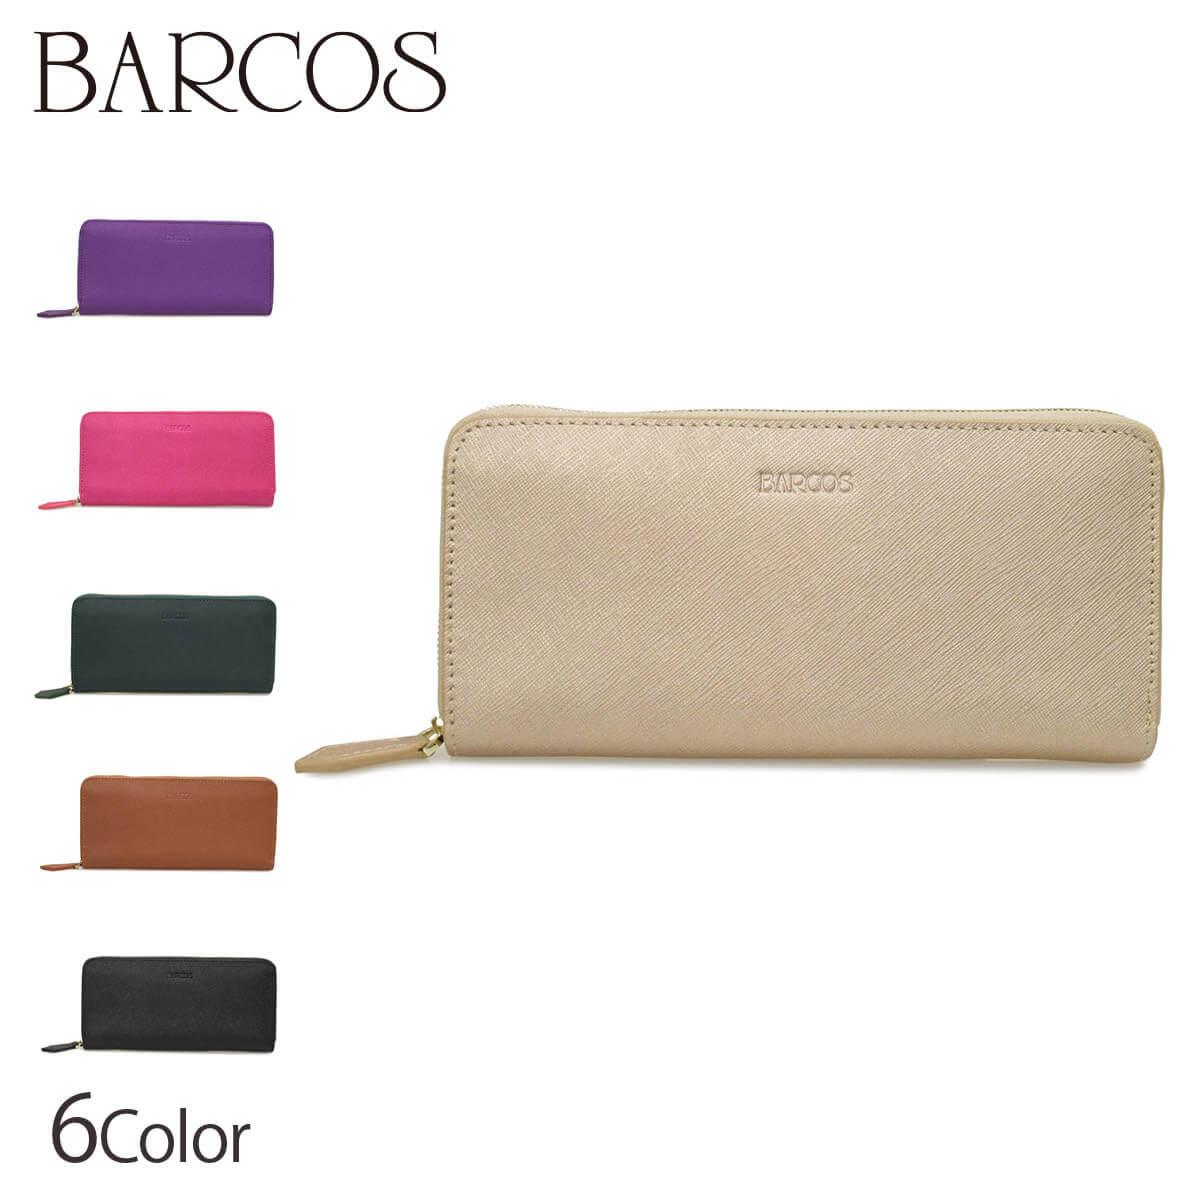 バルコス 長財布 財布 タウンユース BARCOS フォーチュンウォレットラウンド型 ローブ レディース 全6色 ONESIZE バルコス